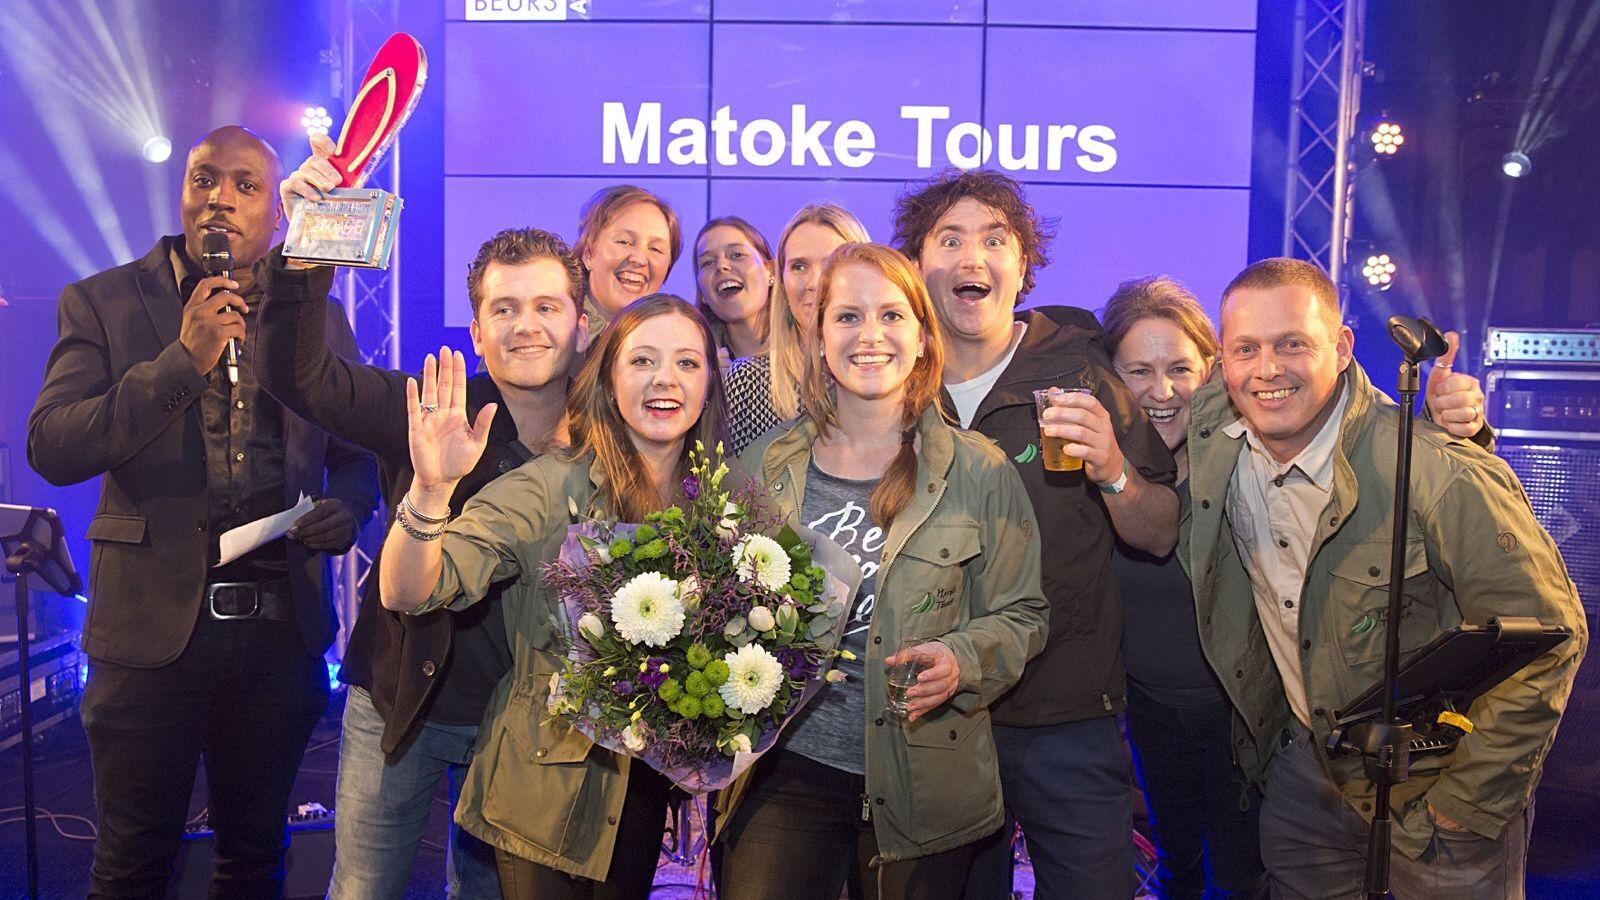 Over Matoke Tours